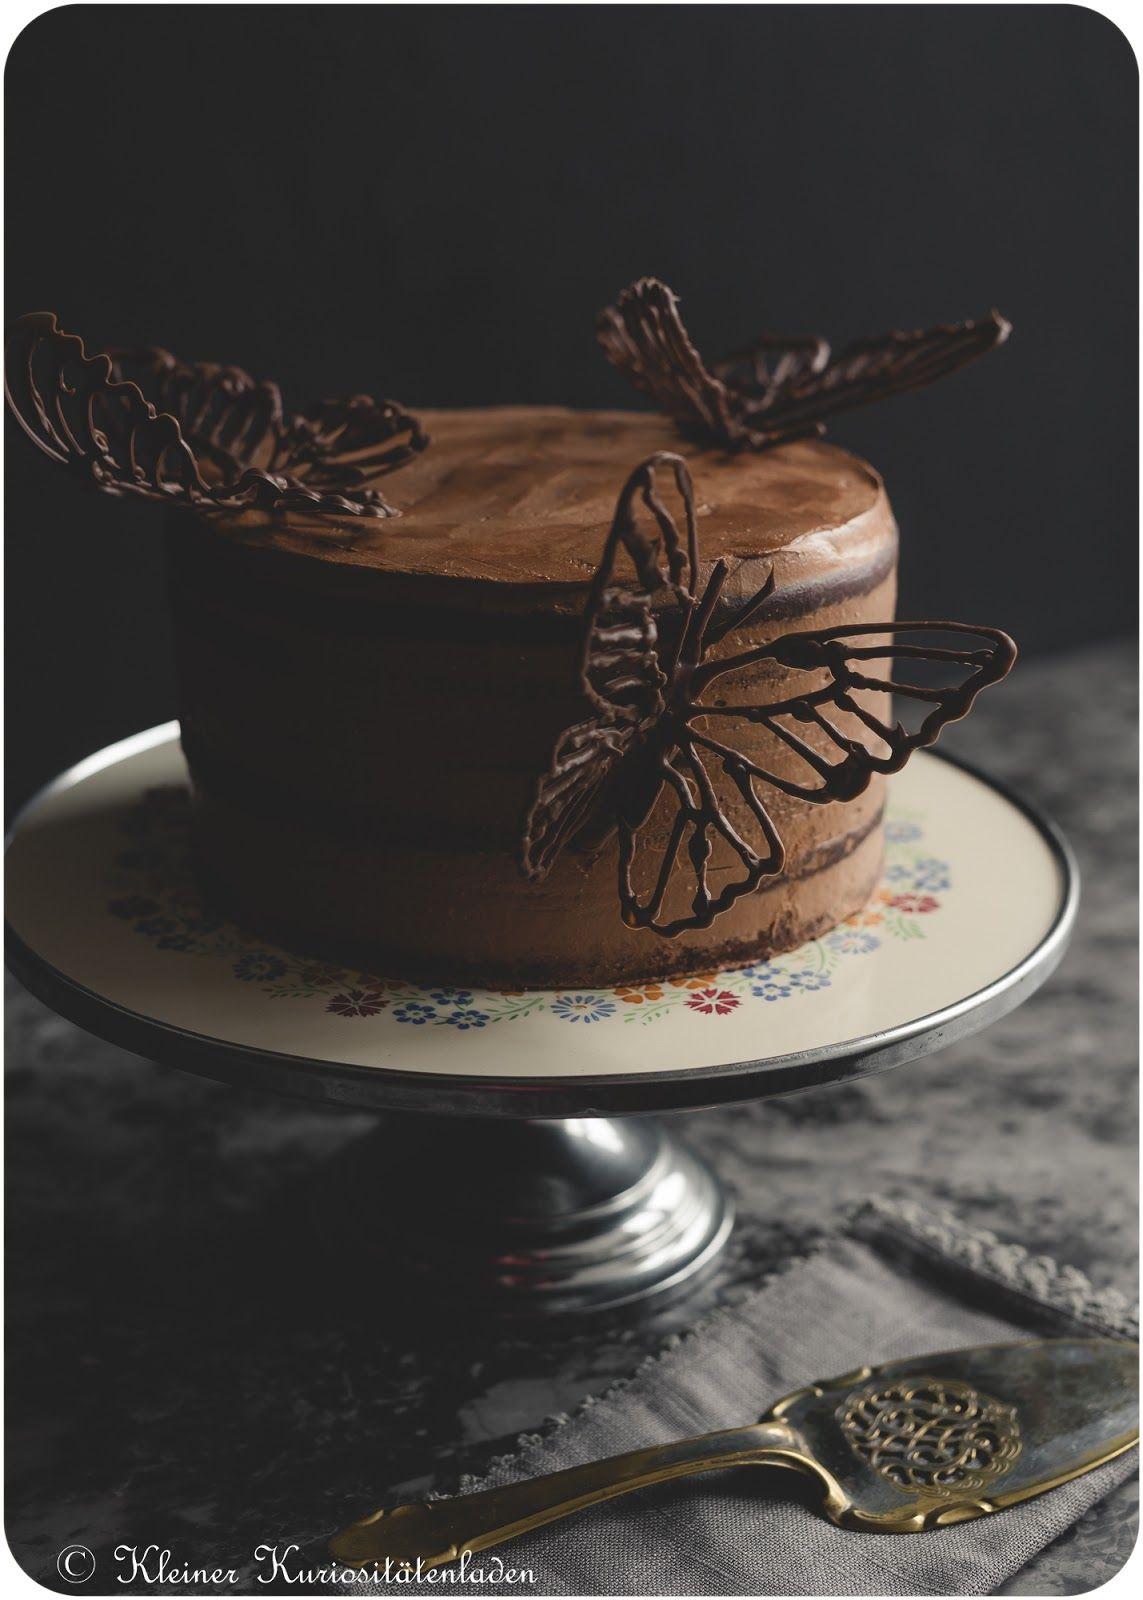 23+ Schokolade muster auf kuchen Sammlung